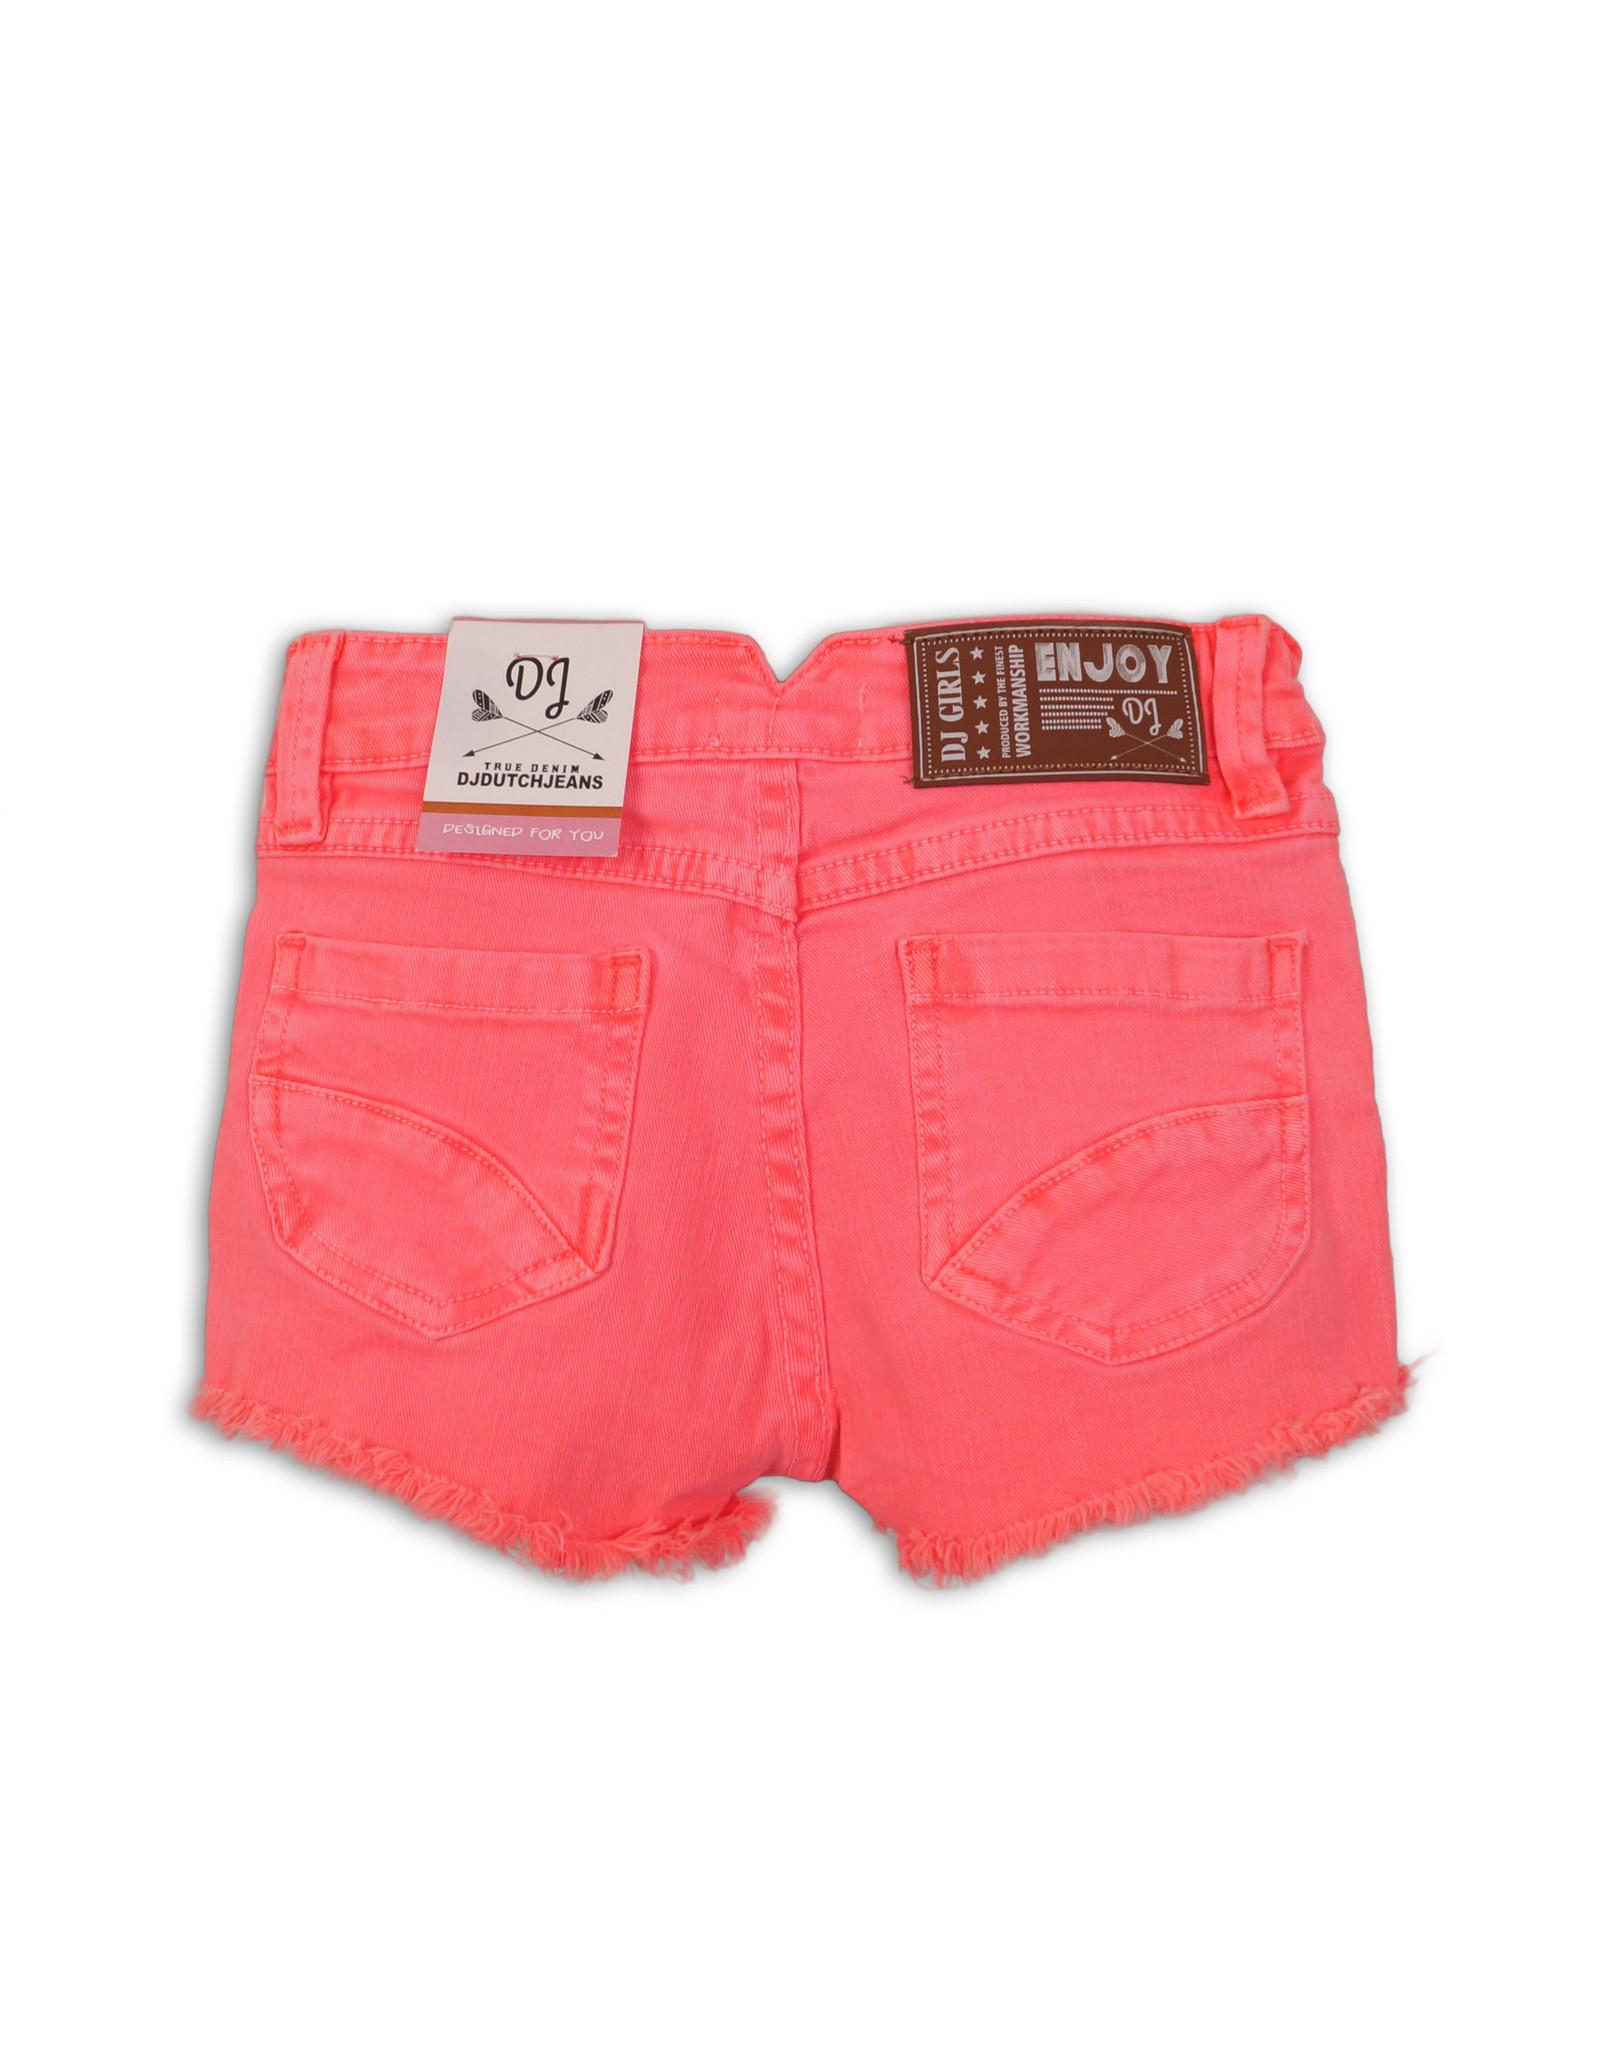 Dutch Jeans Shorts, 45C-34013